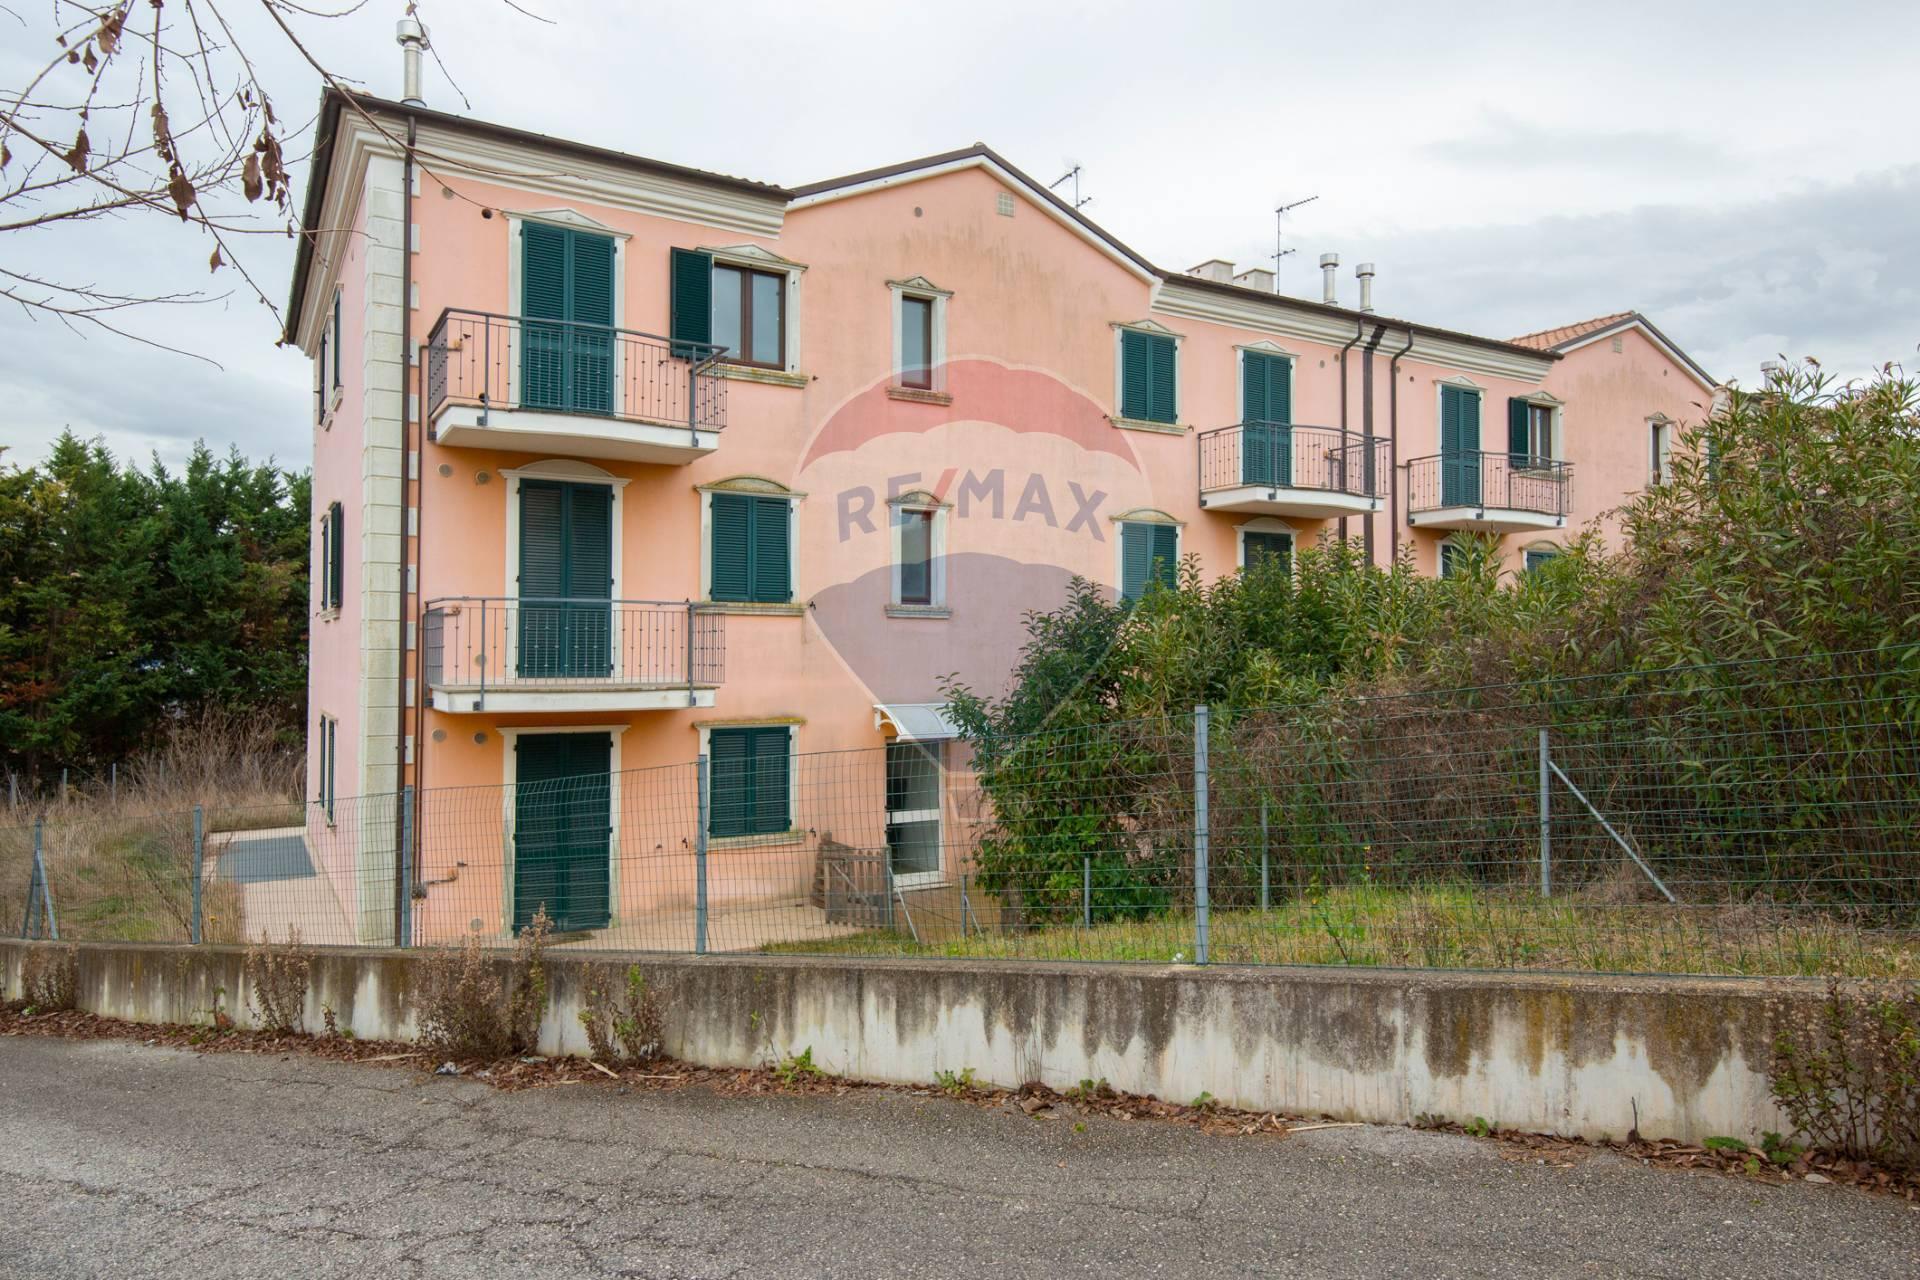 Appartamento in vendita a Loreto, 3 locali, prezzo € 68.400 | CambioCasa.it